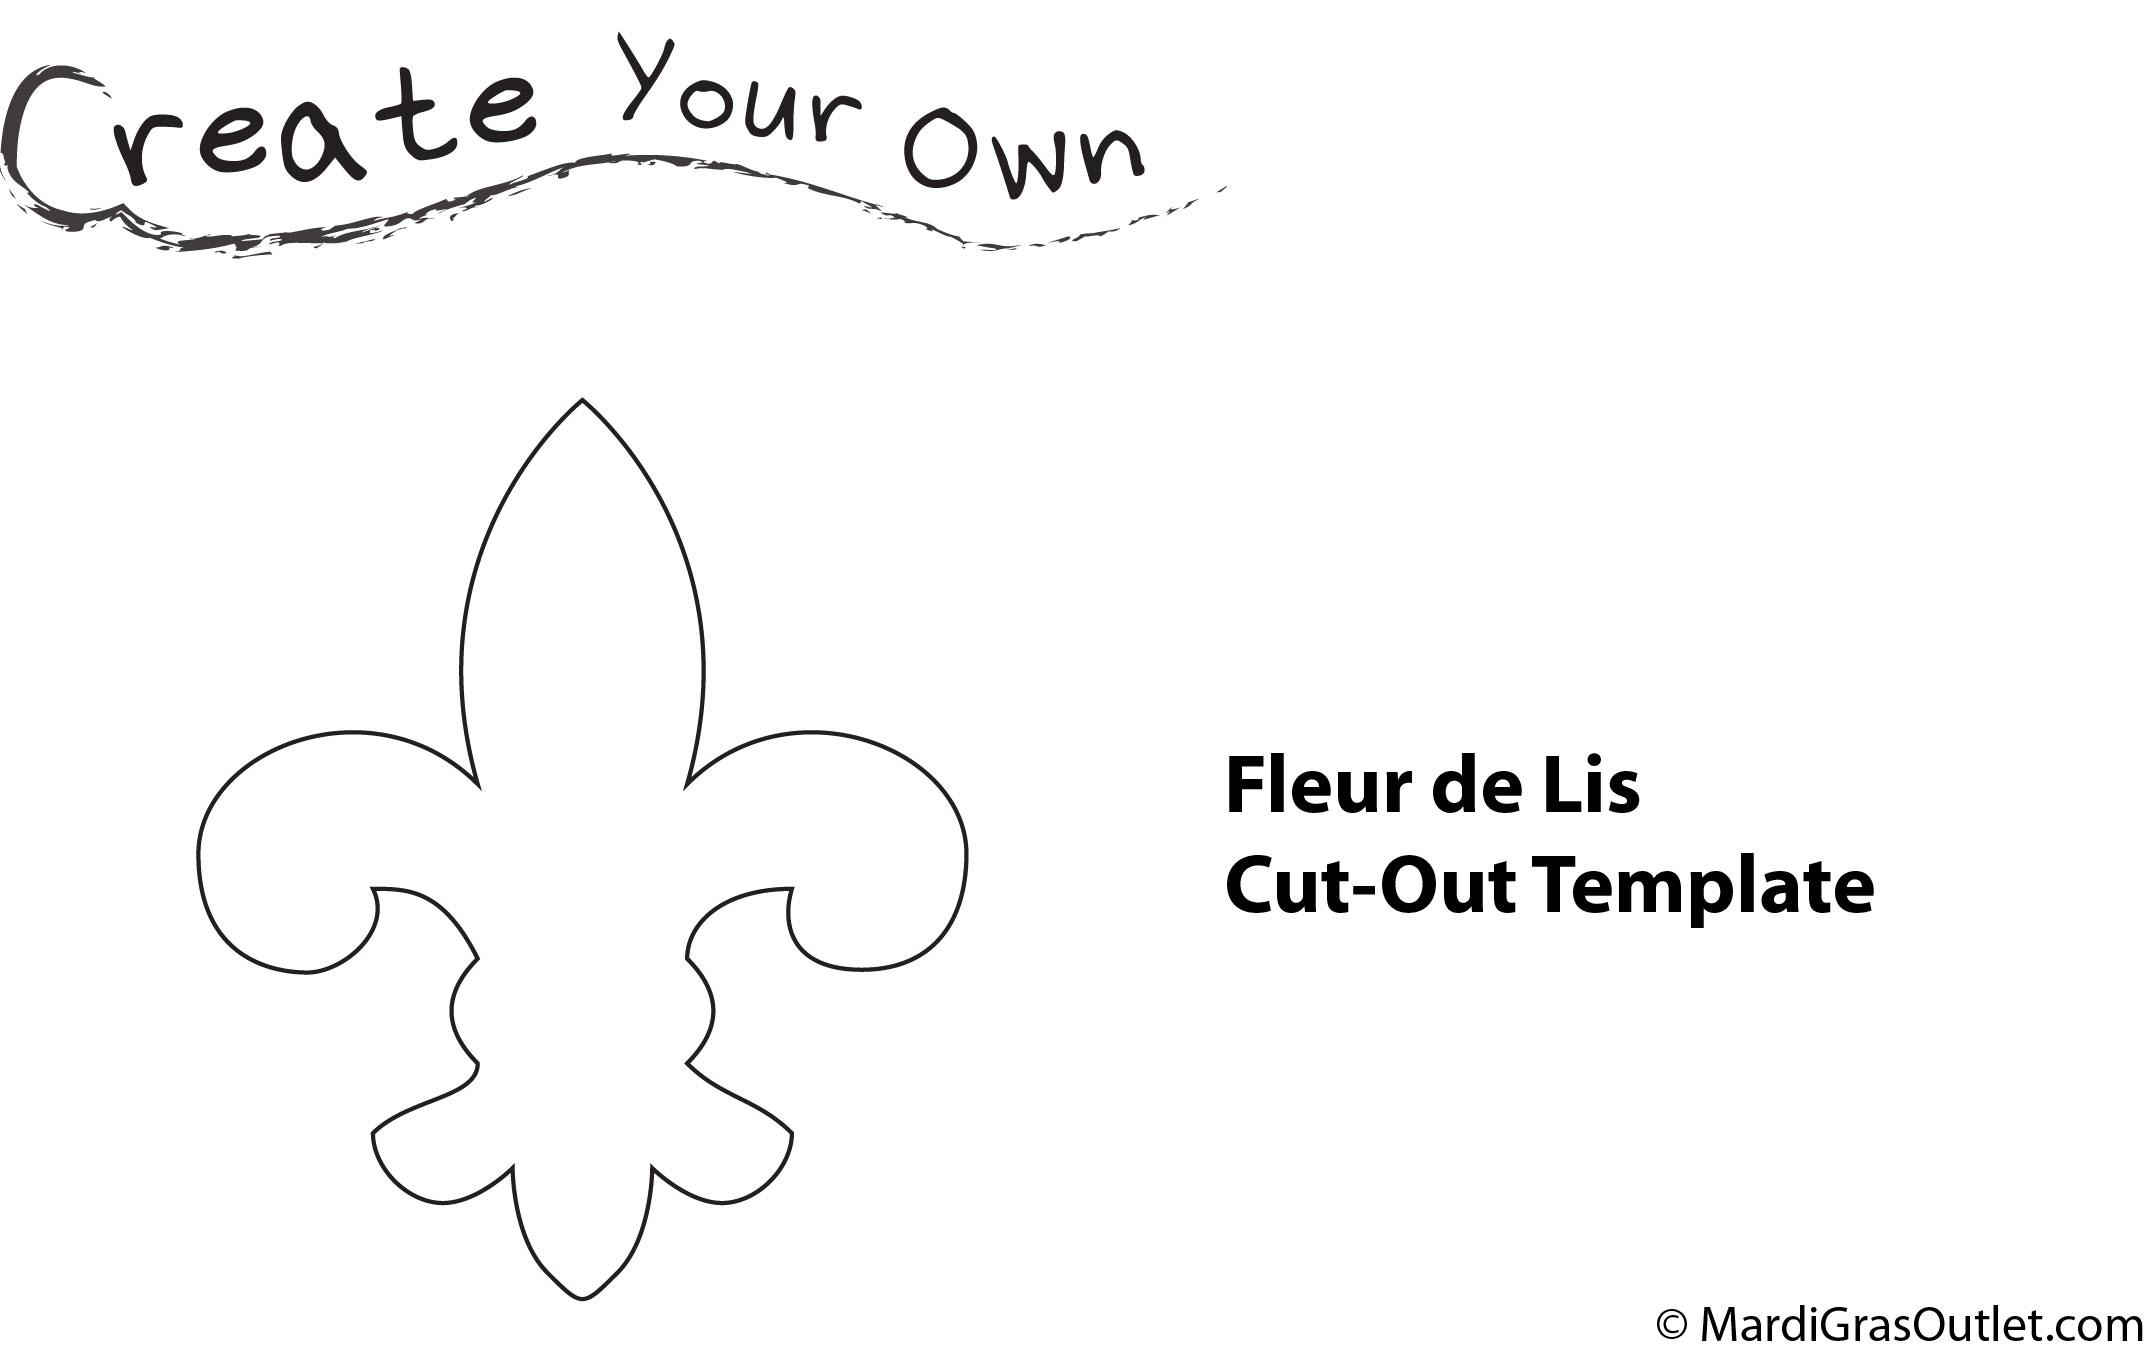 party ideas by mardi gras outlet how to fleur de lis silhouette